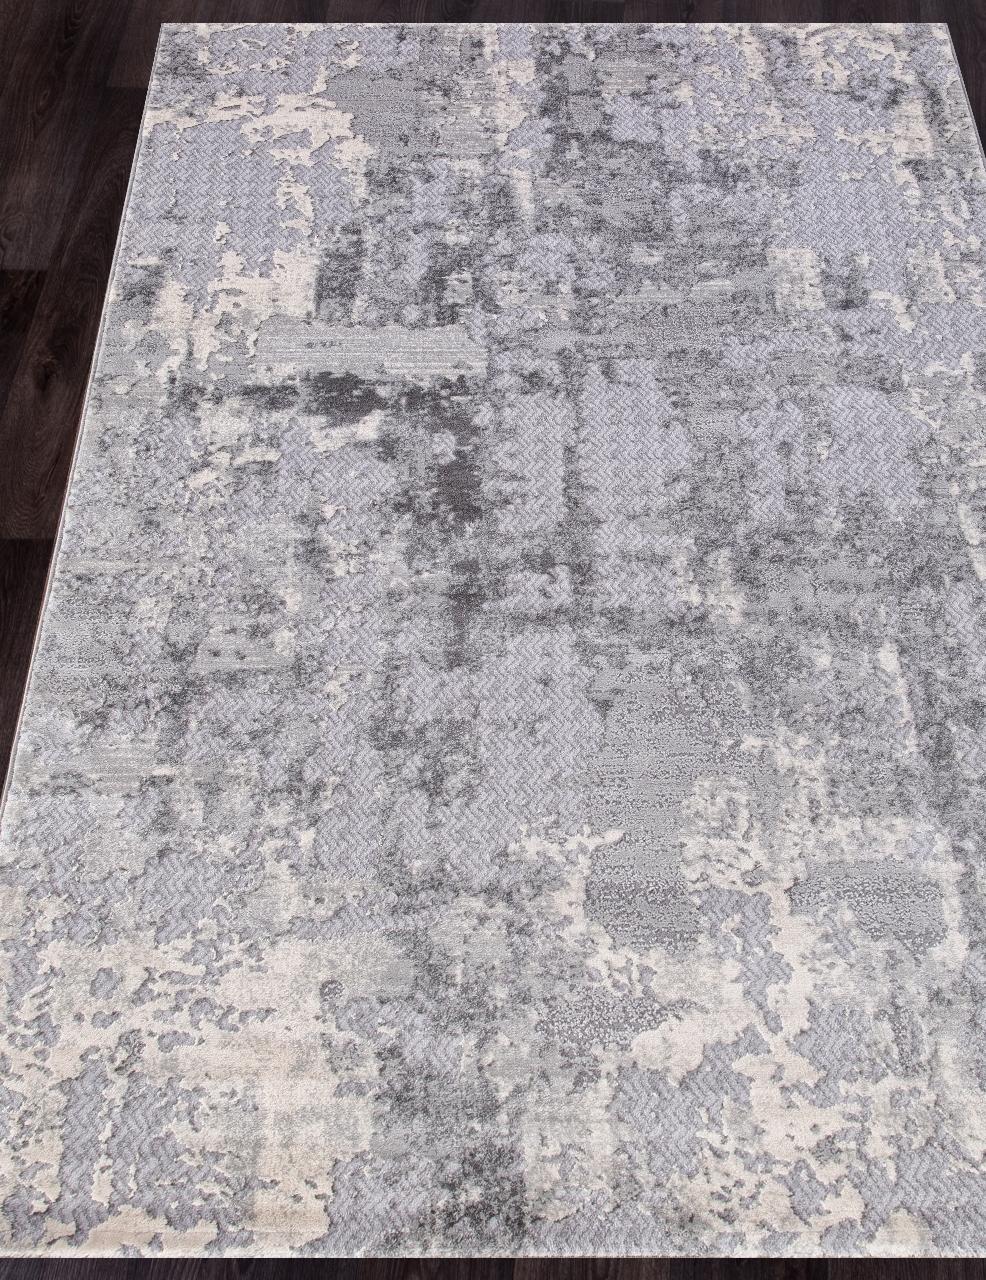 Ковер 1253C - COKEN D.GREY / K.GREY - Прямоугольник - коллекция MARDAN - фото 1